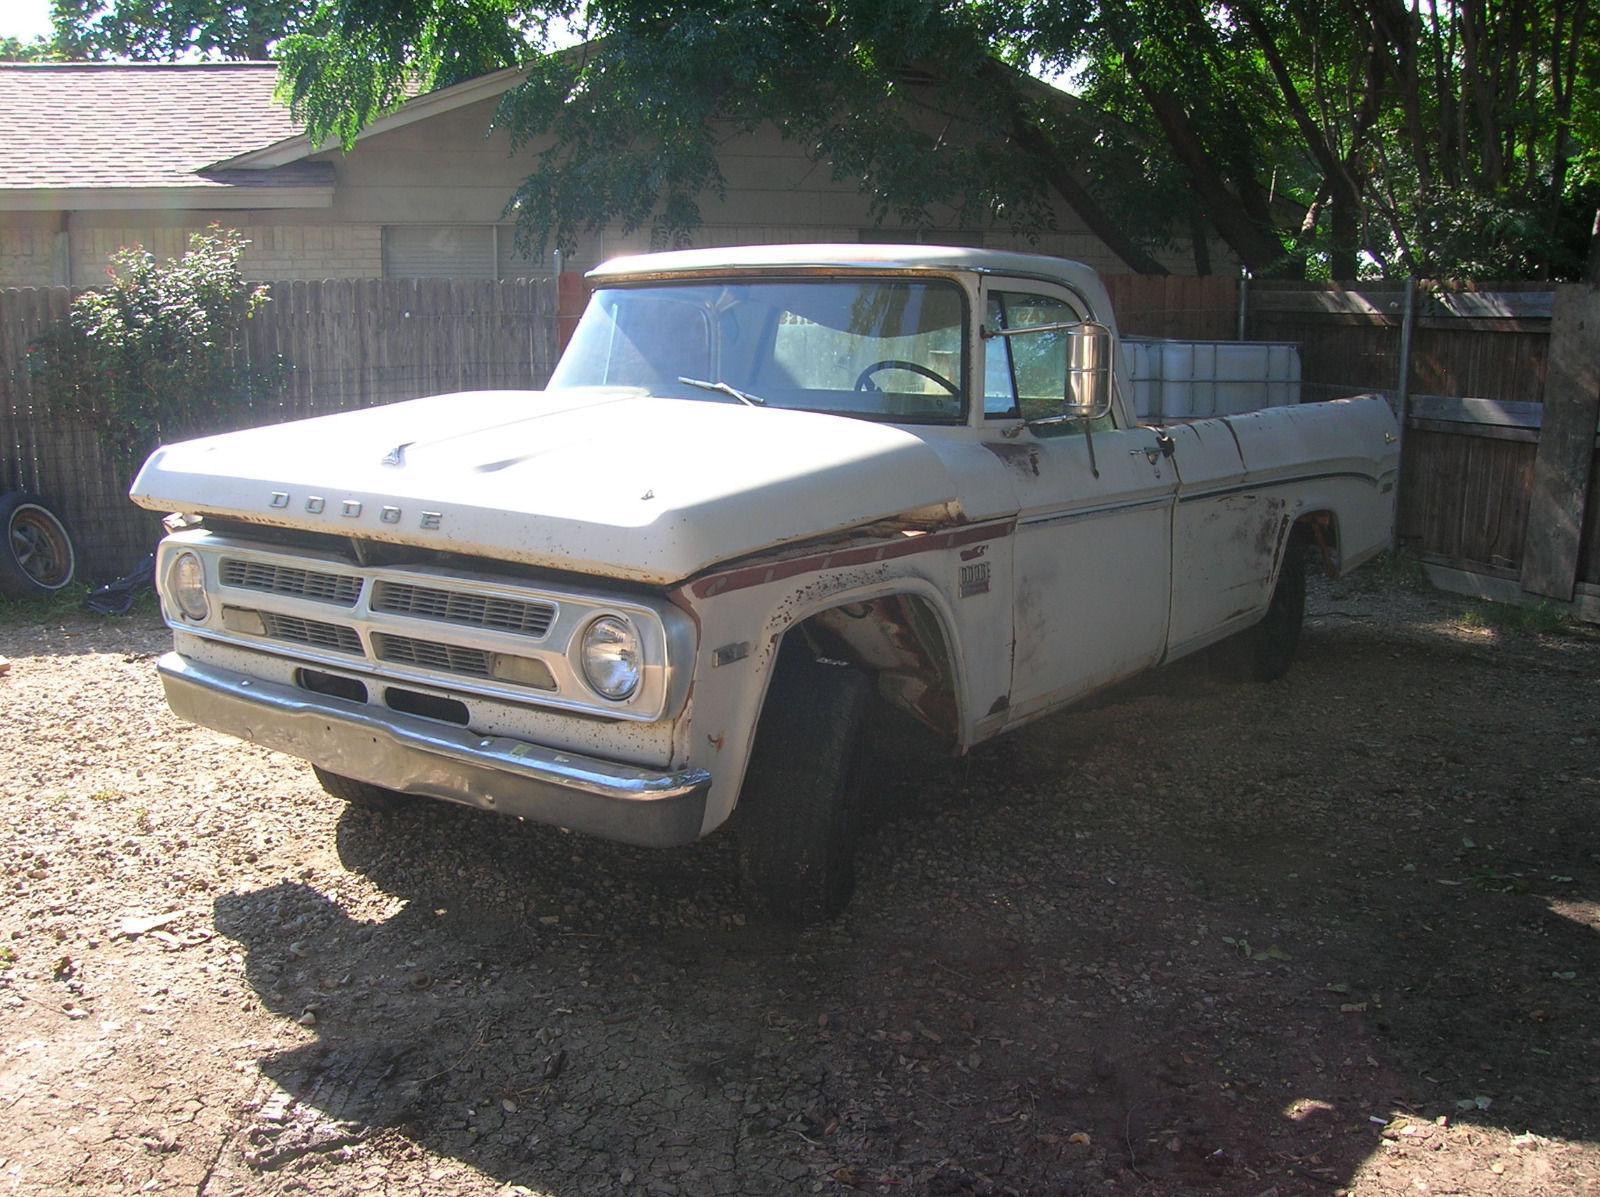 Swapped engine 1970 dodge pickups adventurer d100 vintage for Dodge motors for sale